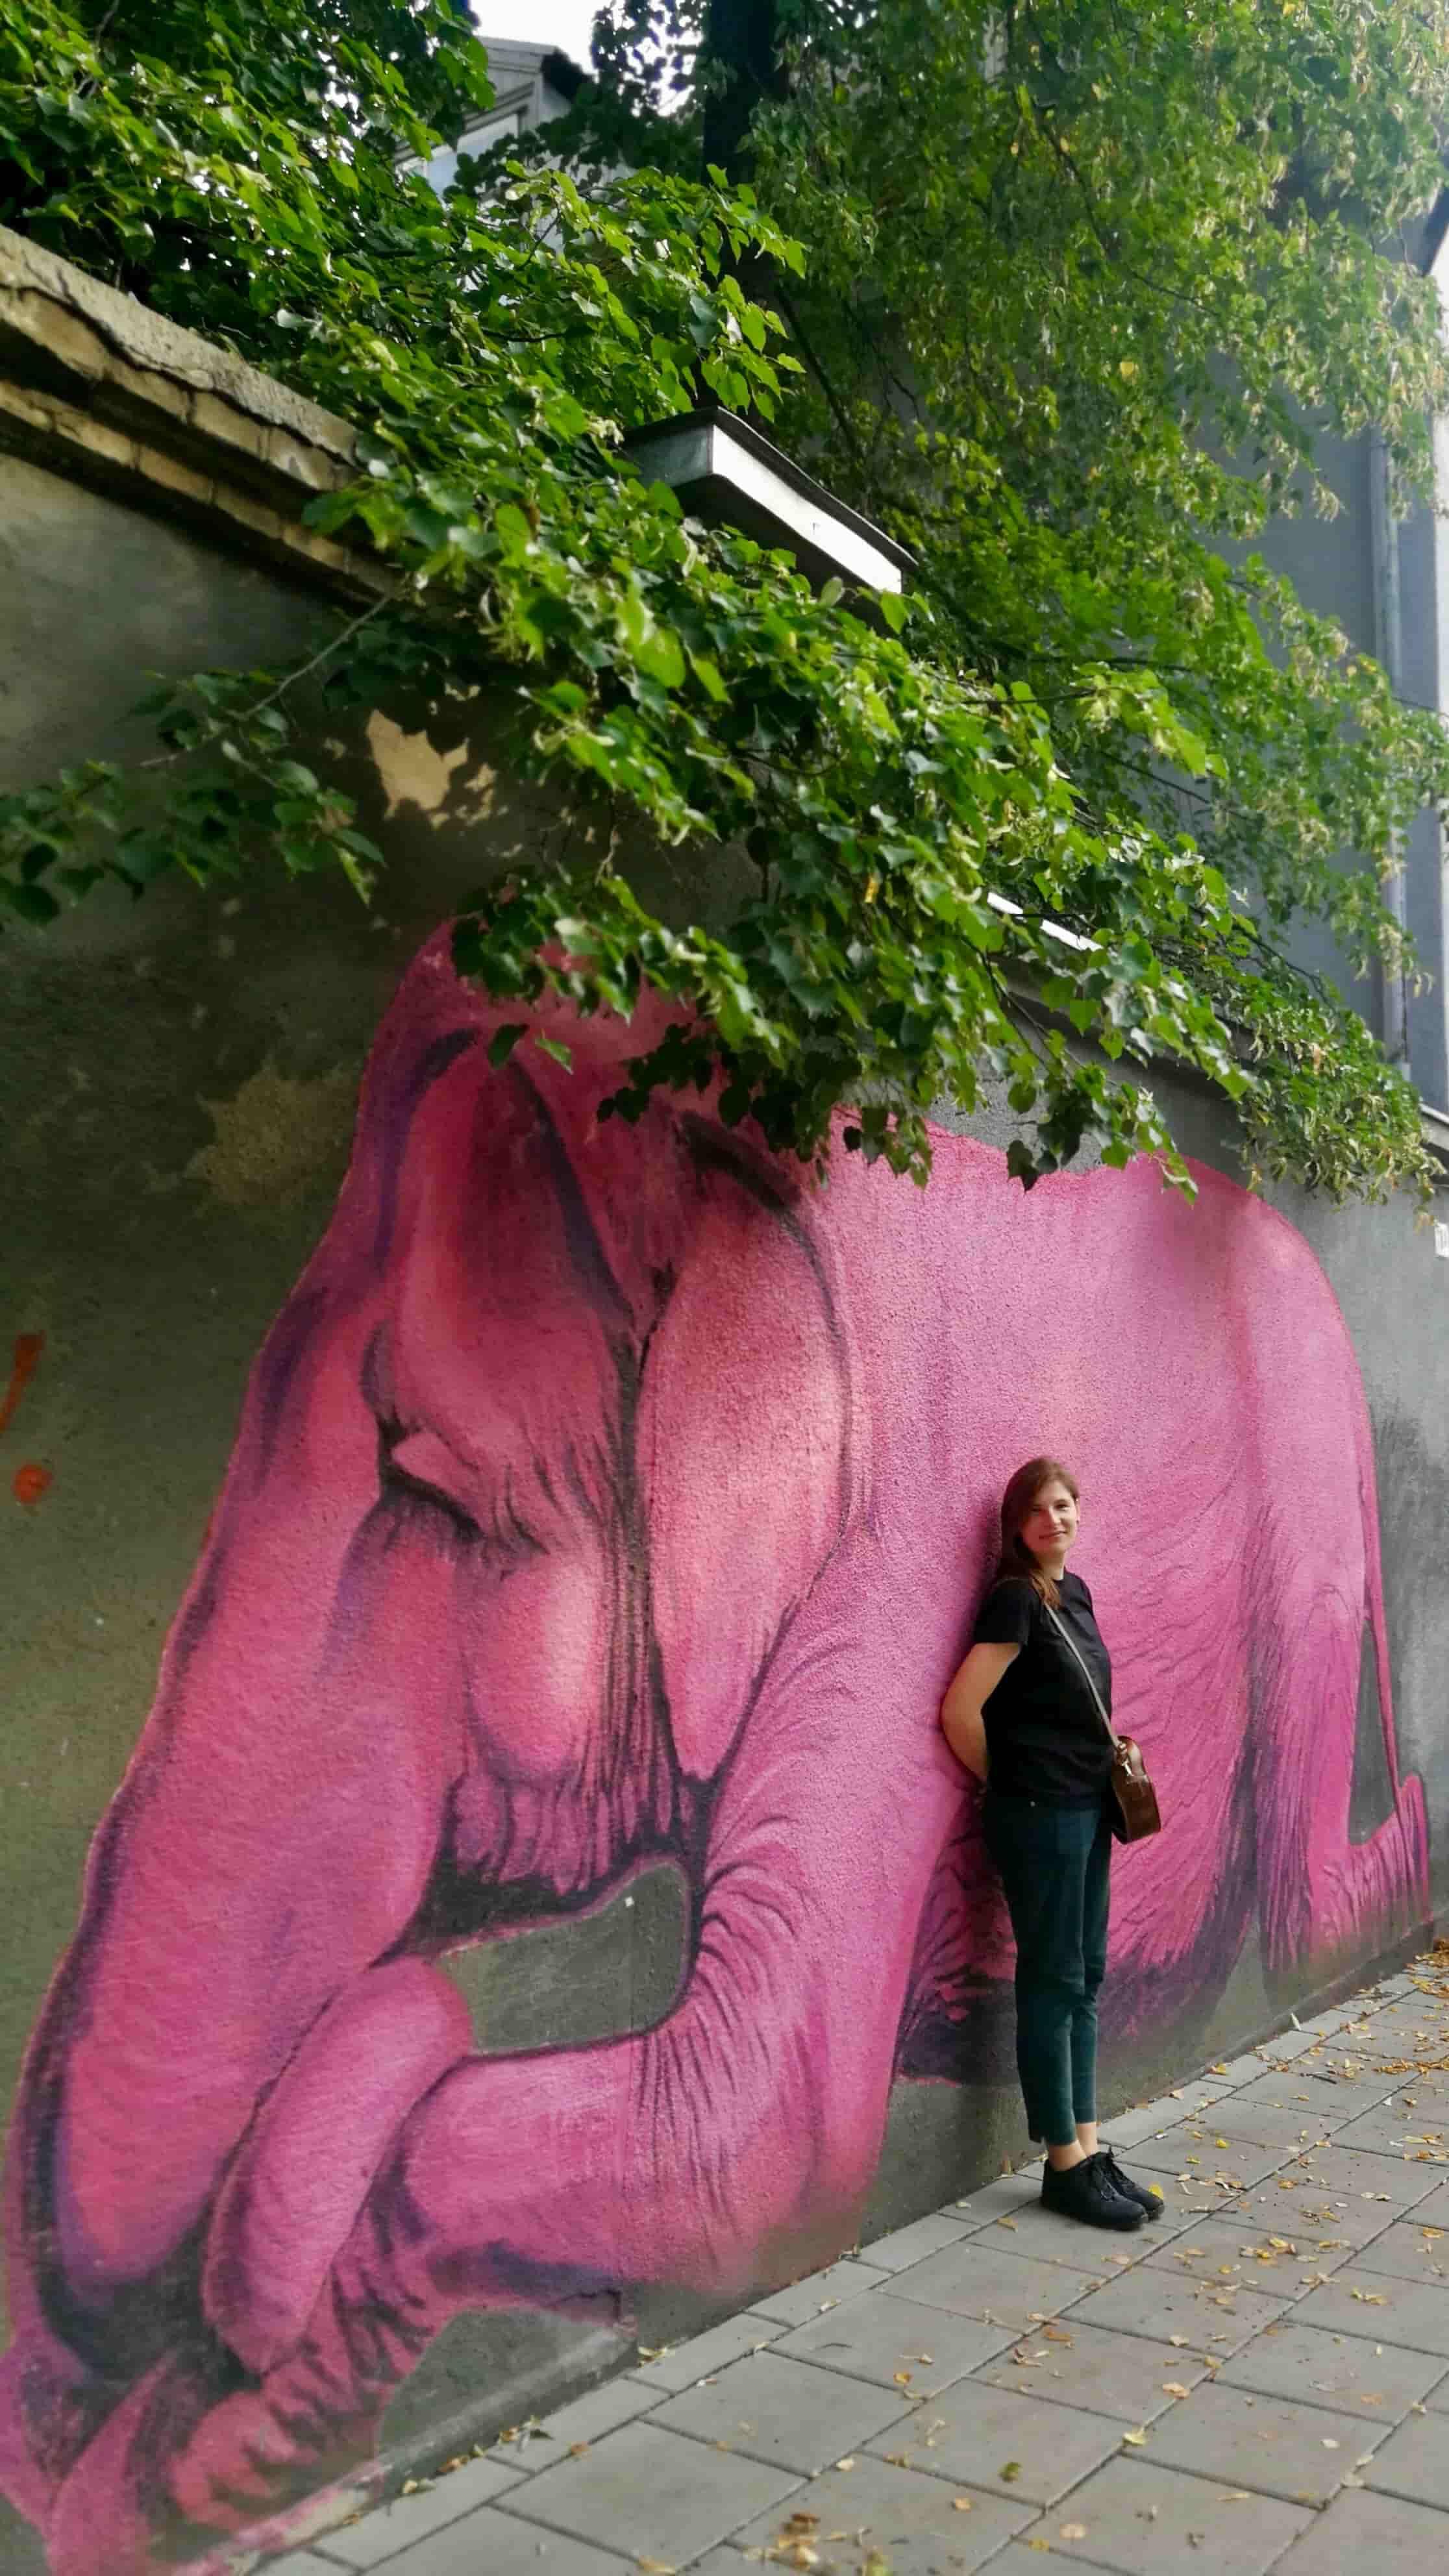 kaunas' pink elephant